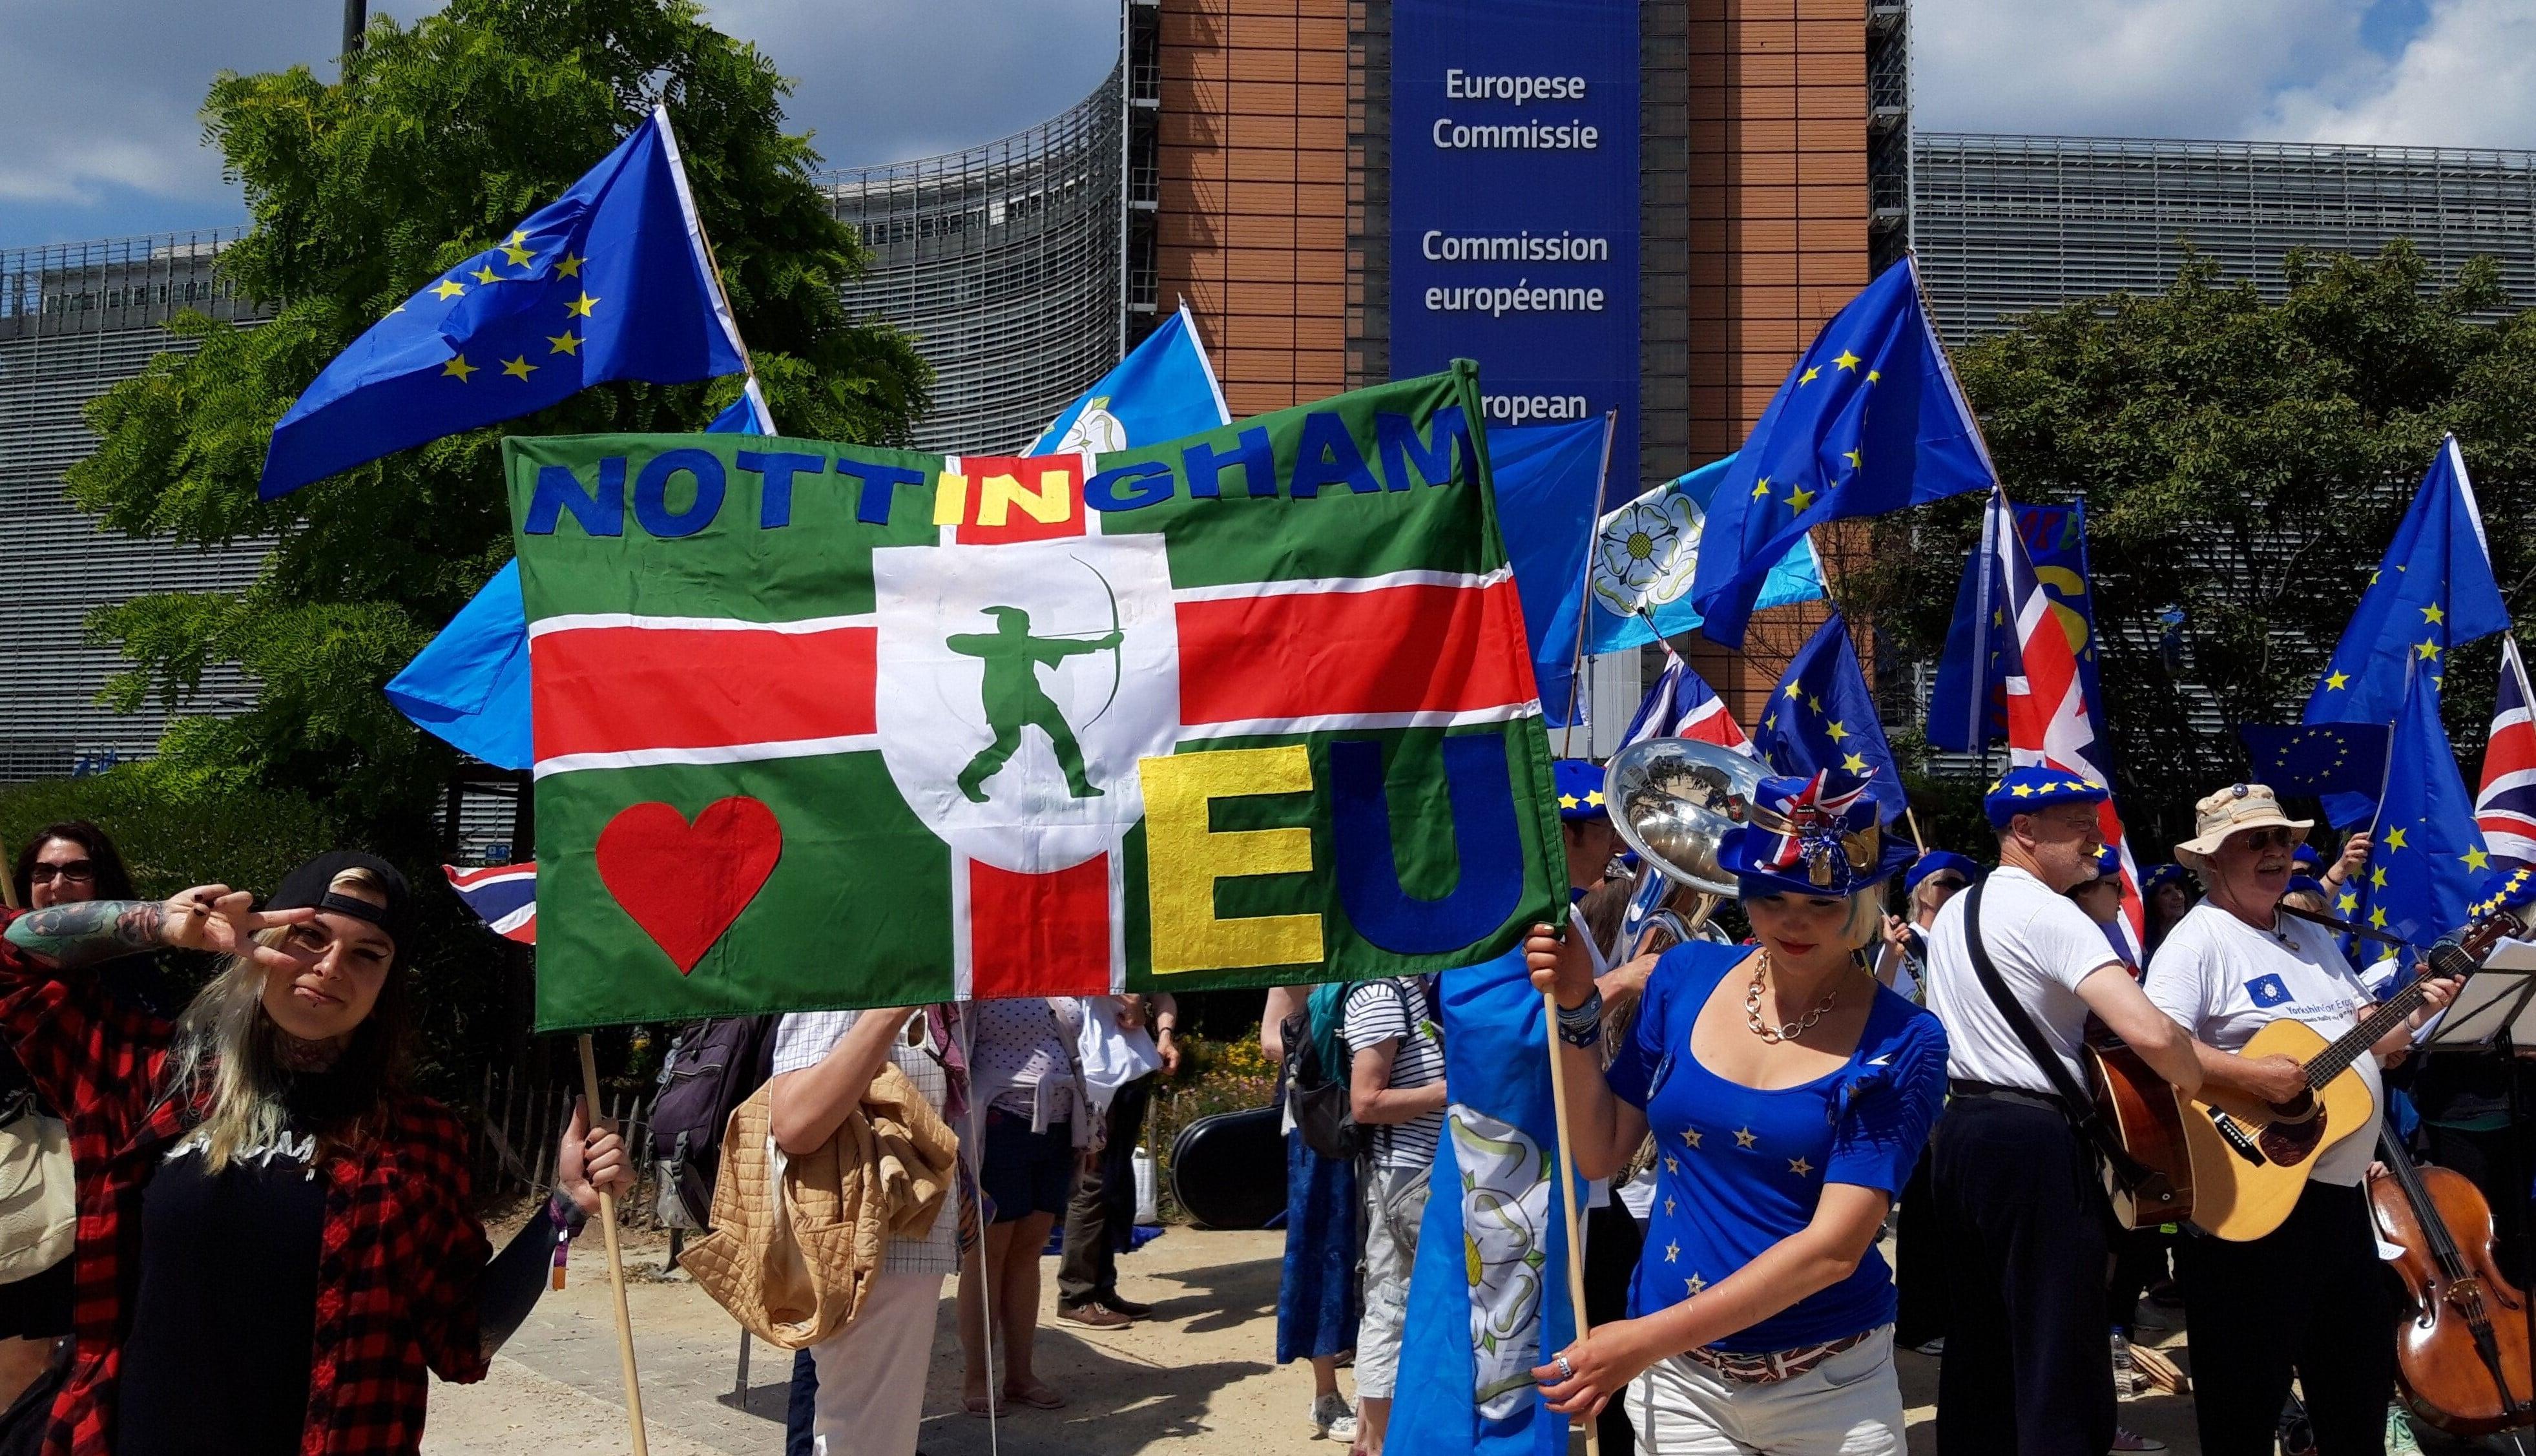 Madeleina Kay holds Nottingham banner